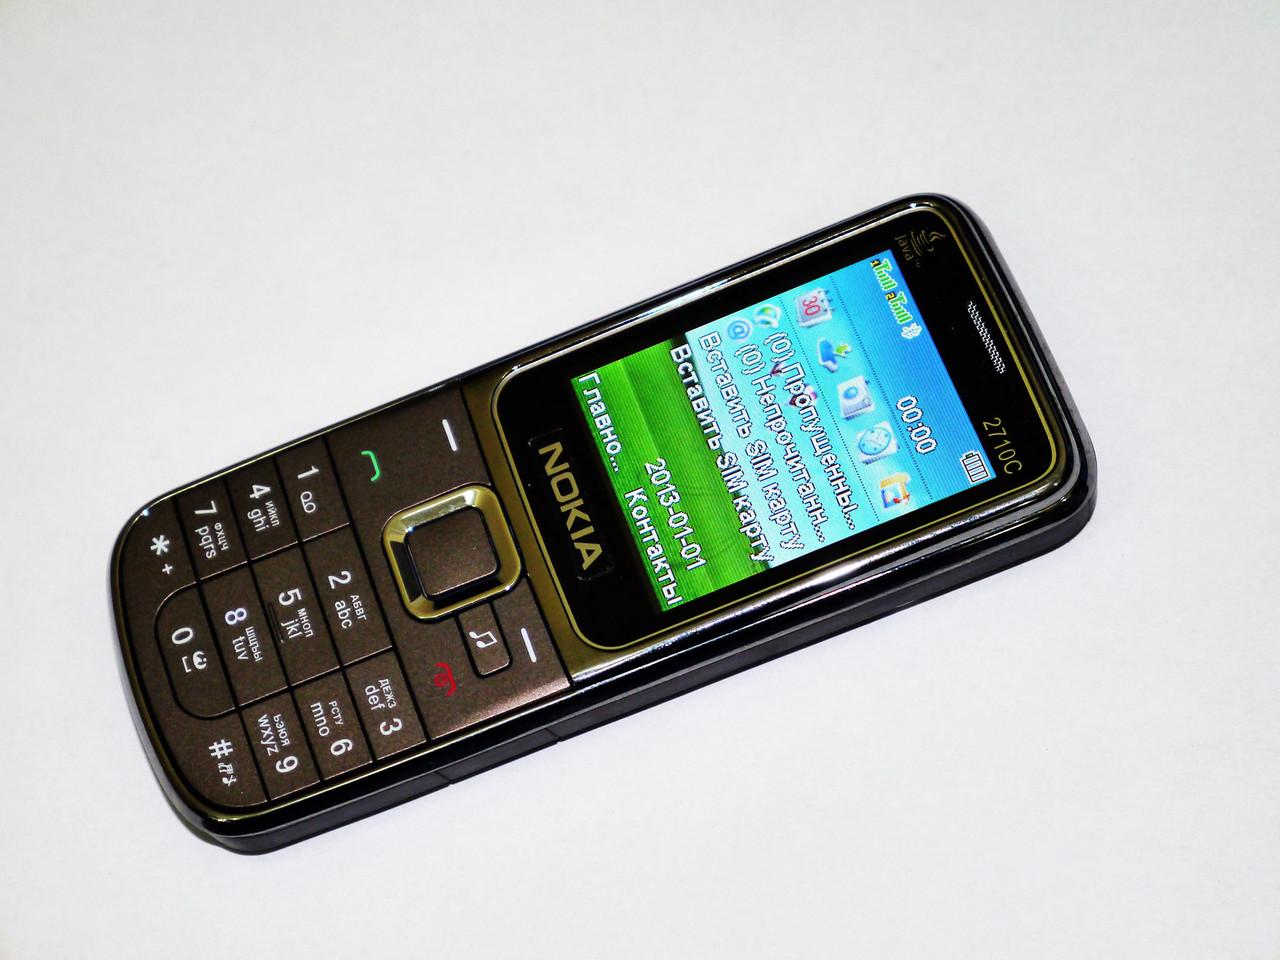 Телефон Nokia 2710 Коричневый - 2Sim Металл корпус